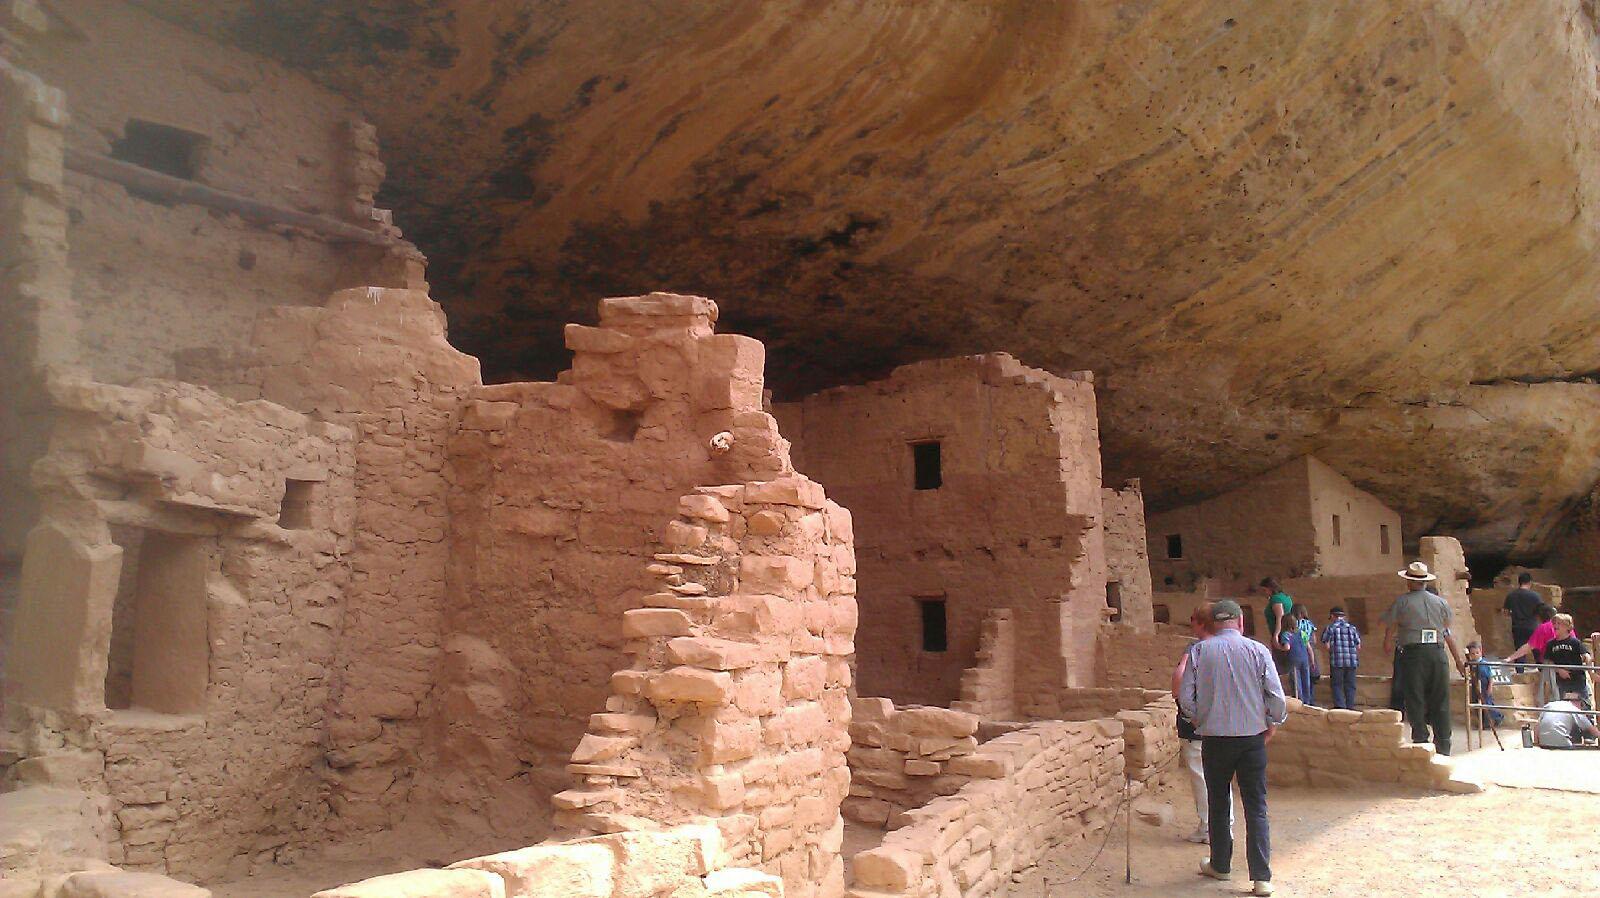 Ancient Tours - Ancestral Pueblo Dwelling, Mesa Verde